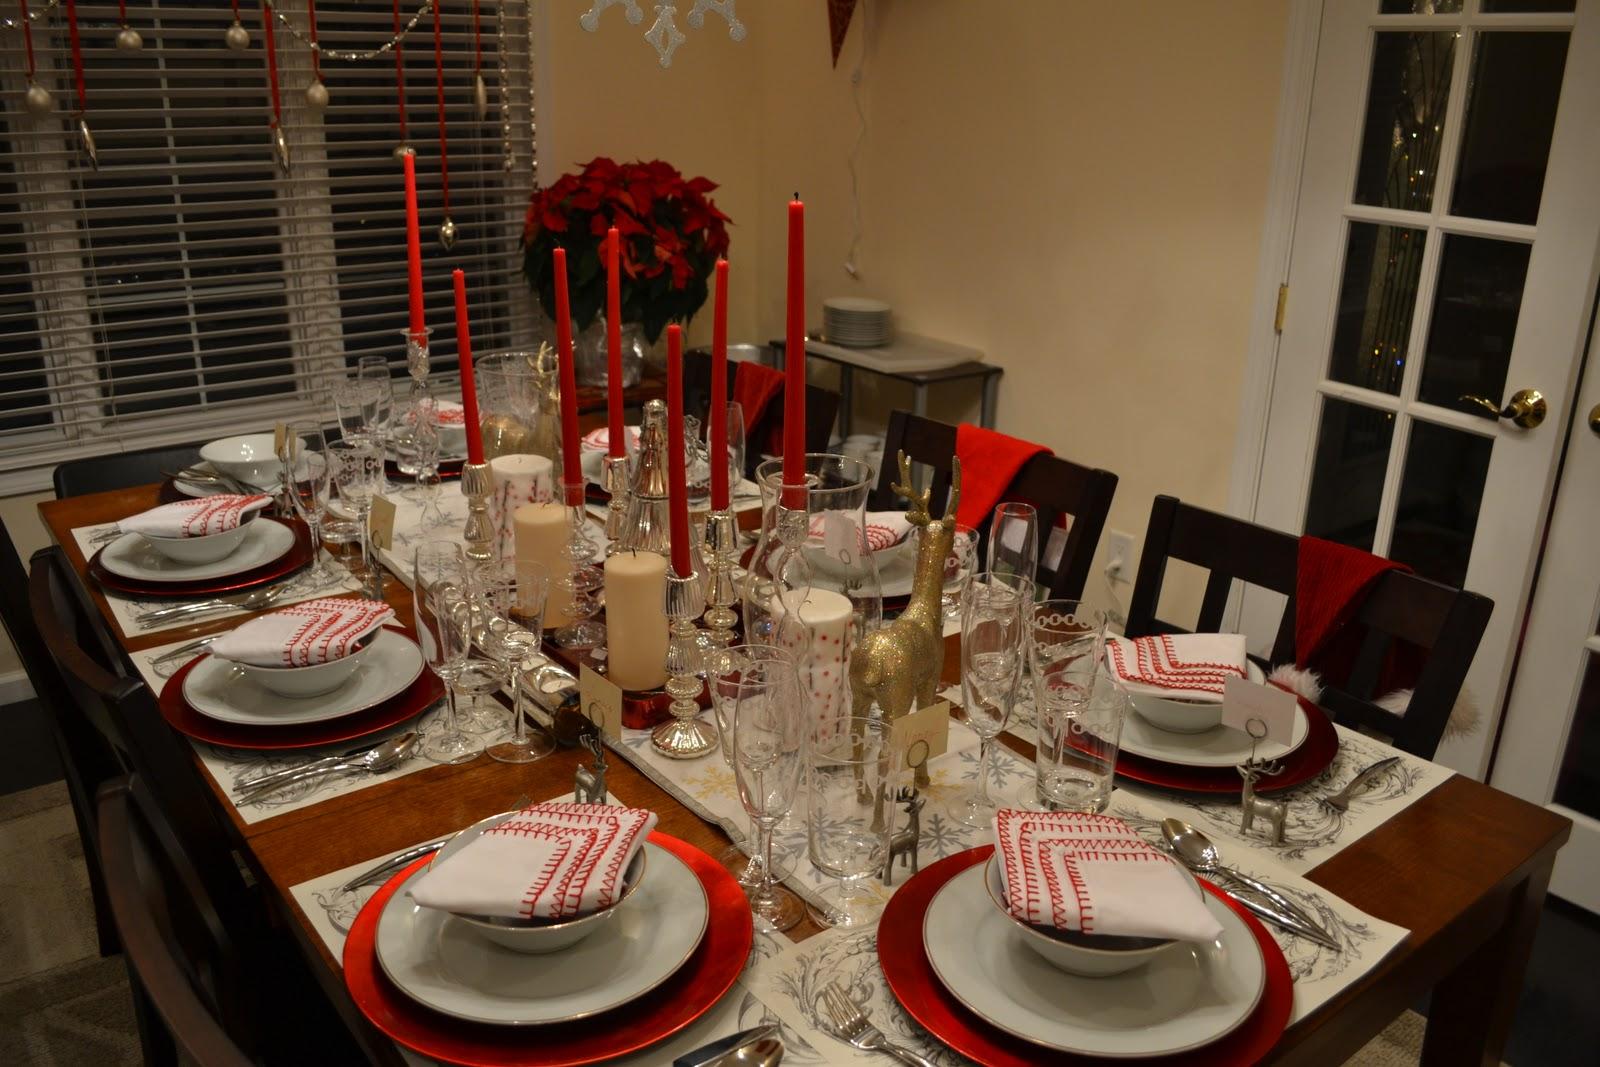 Life Amp Home At 2102 November 2011